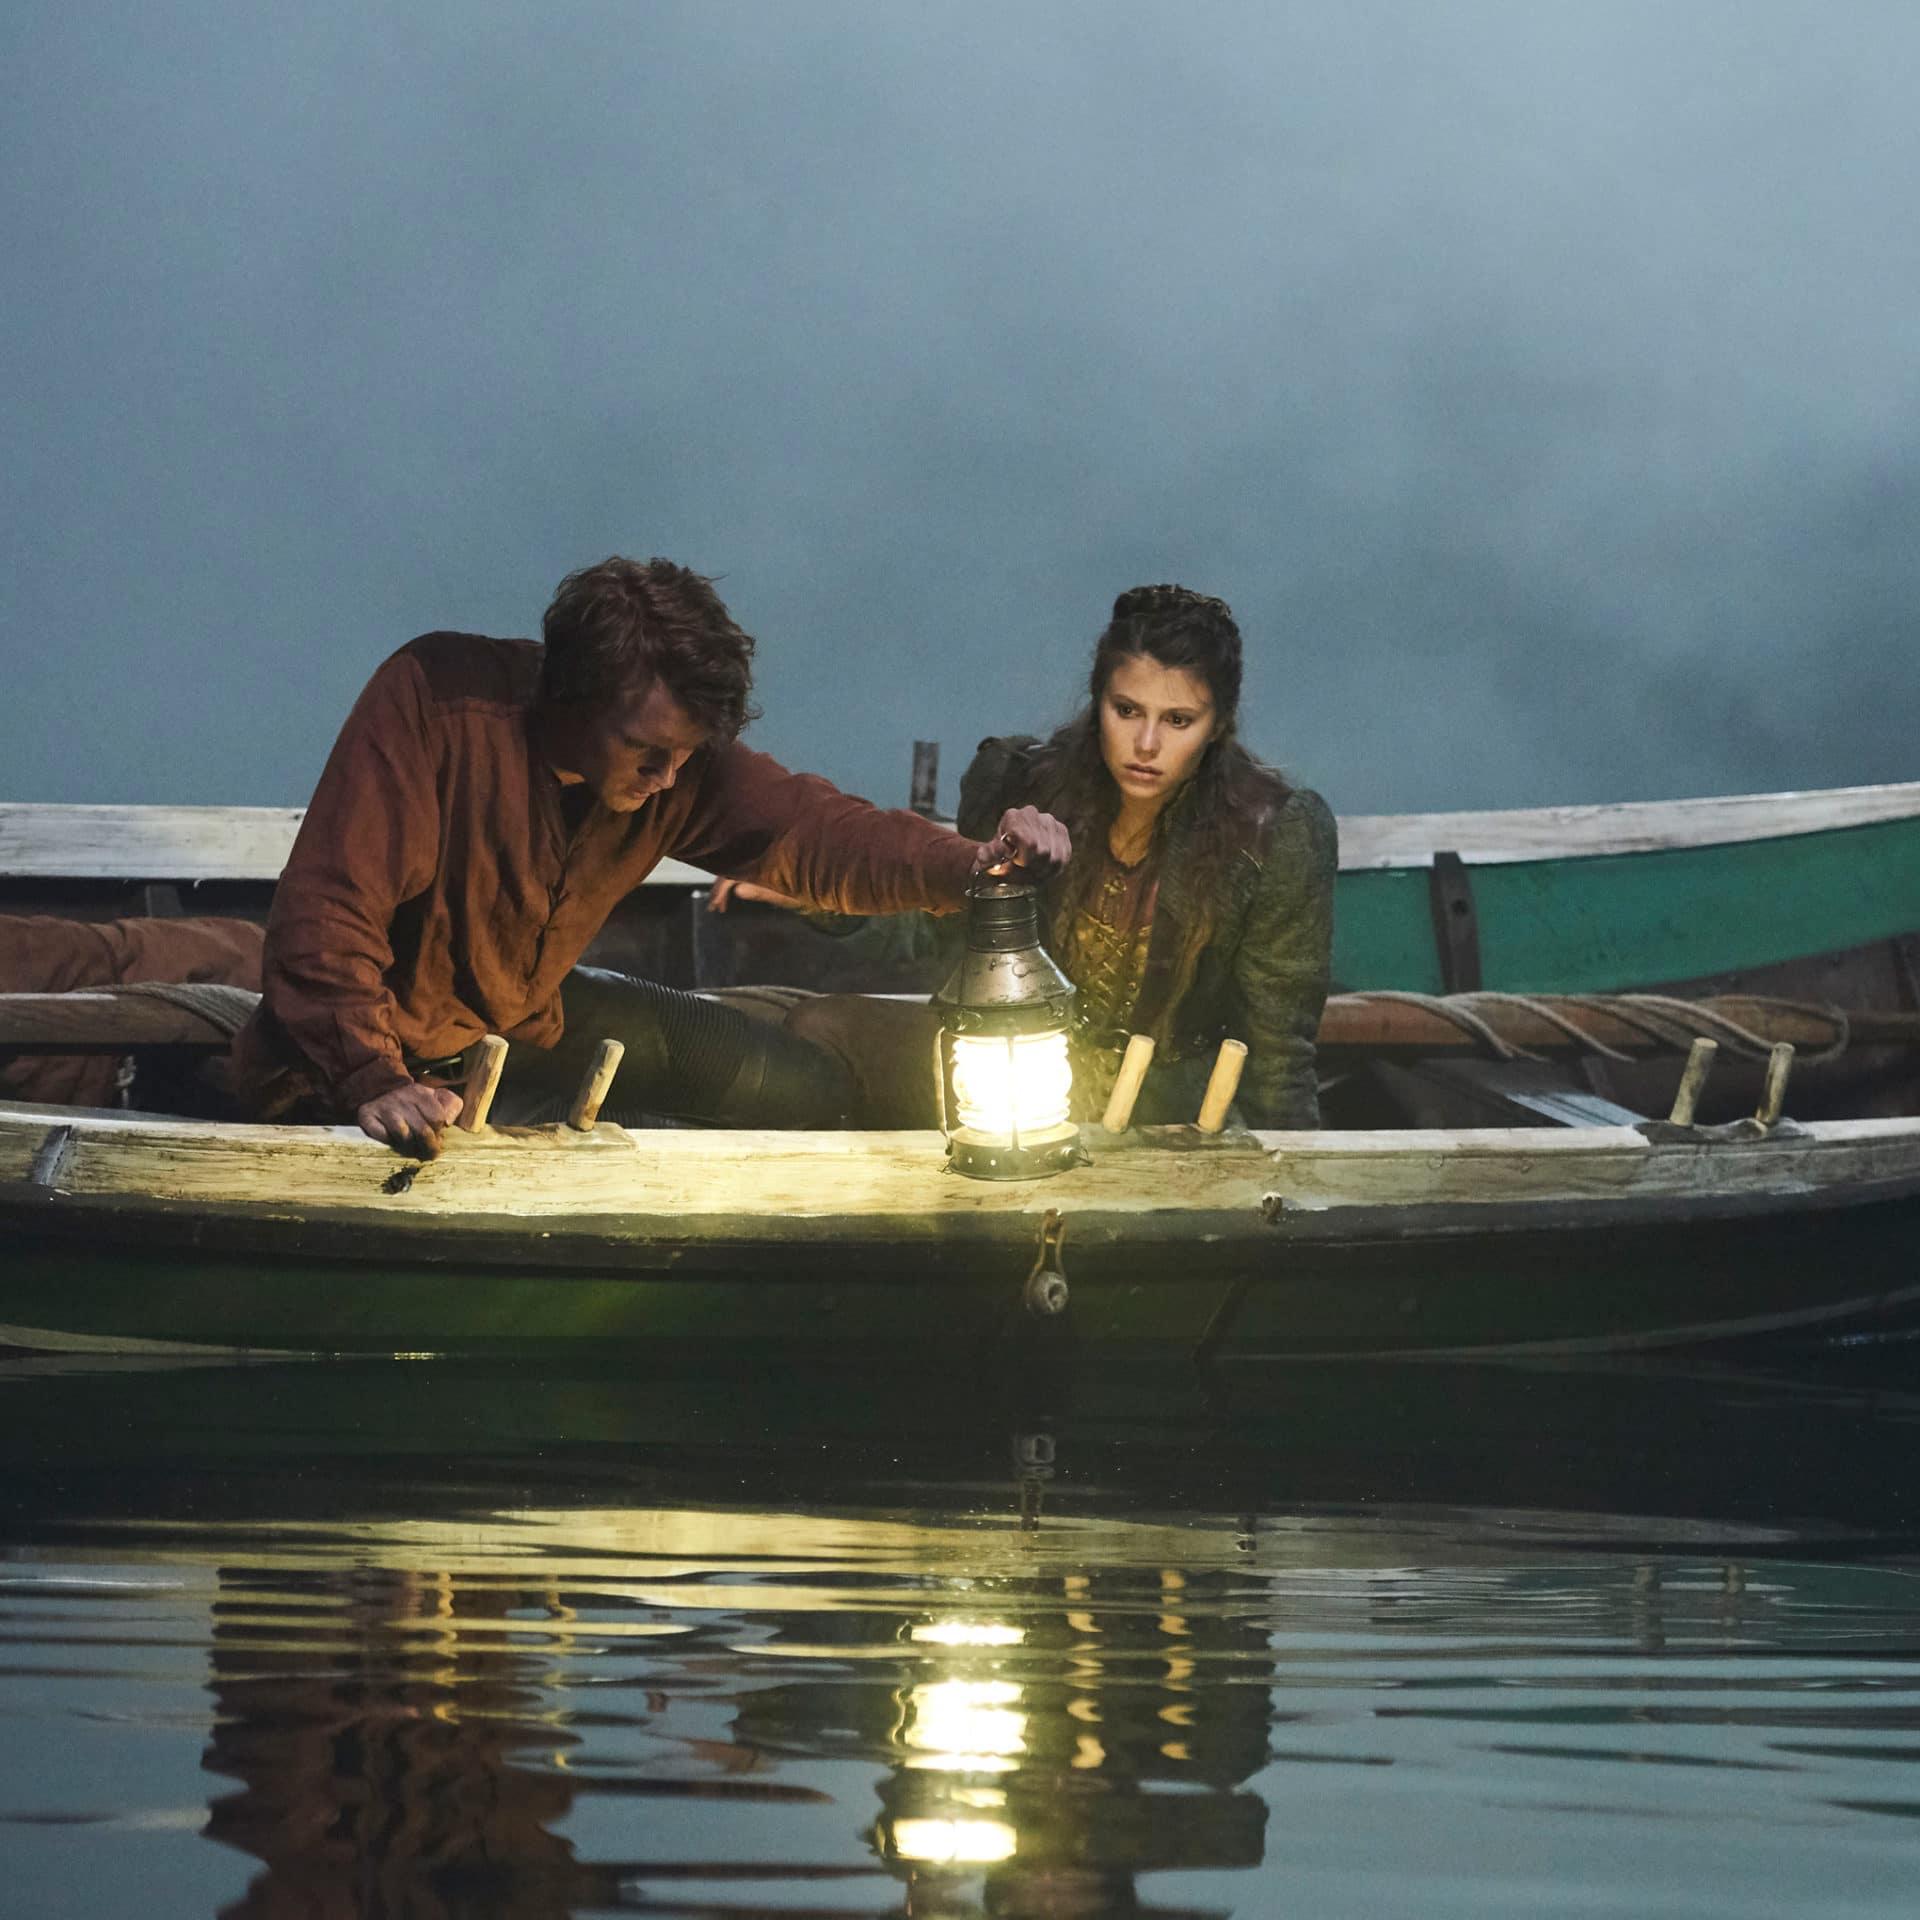 Askeladden og Prinsesse Kristin i en båt på et mørkt vann